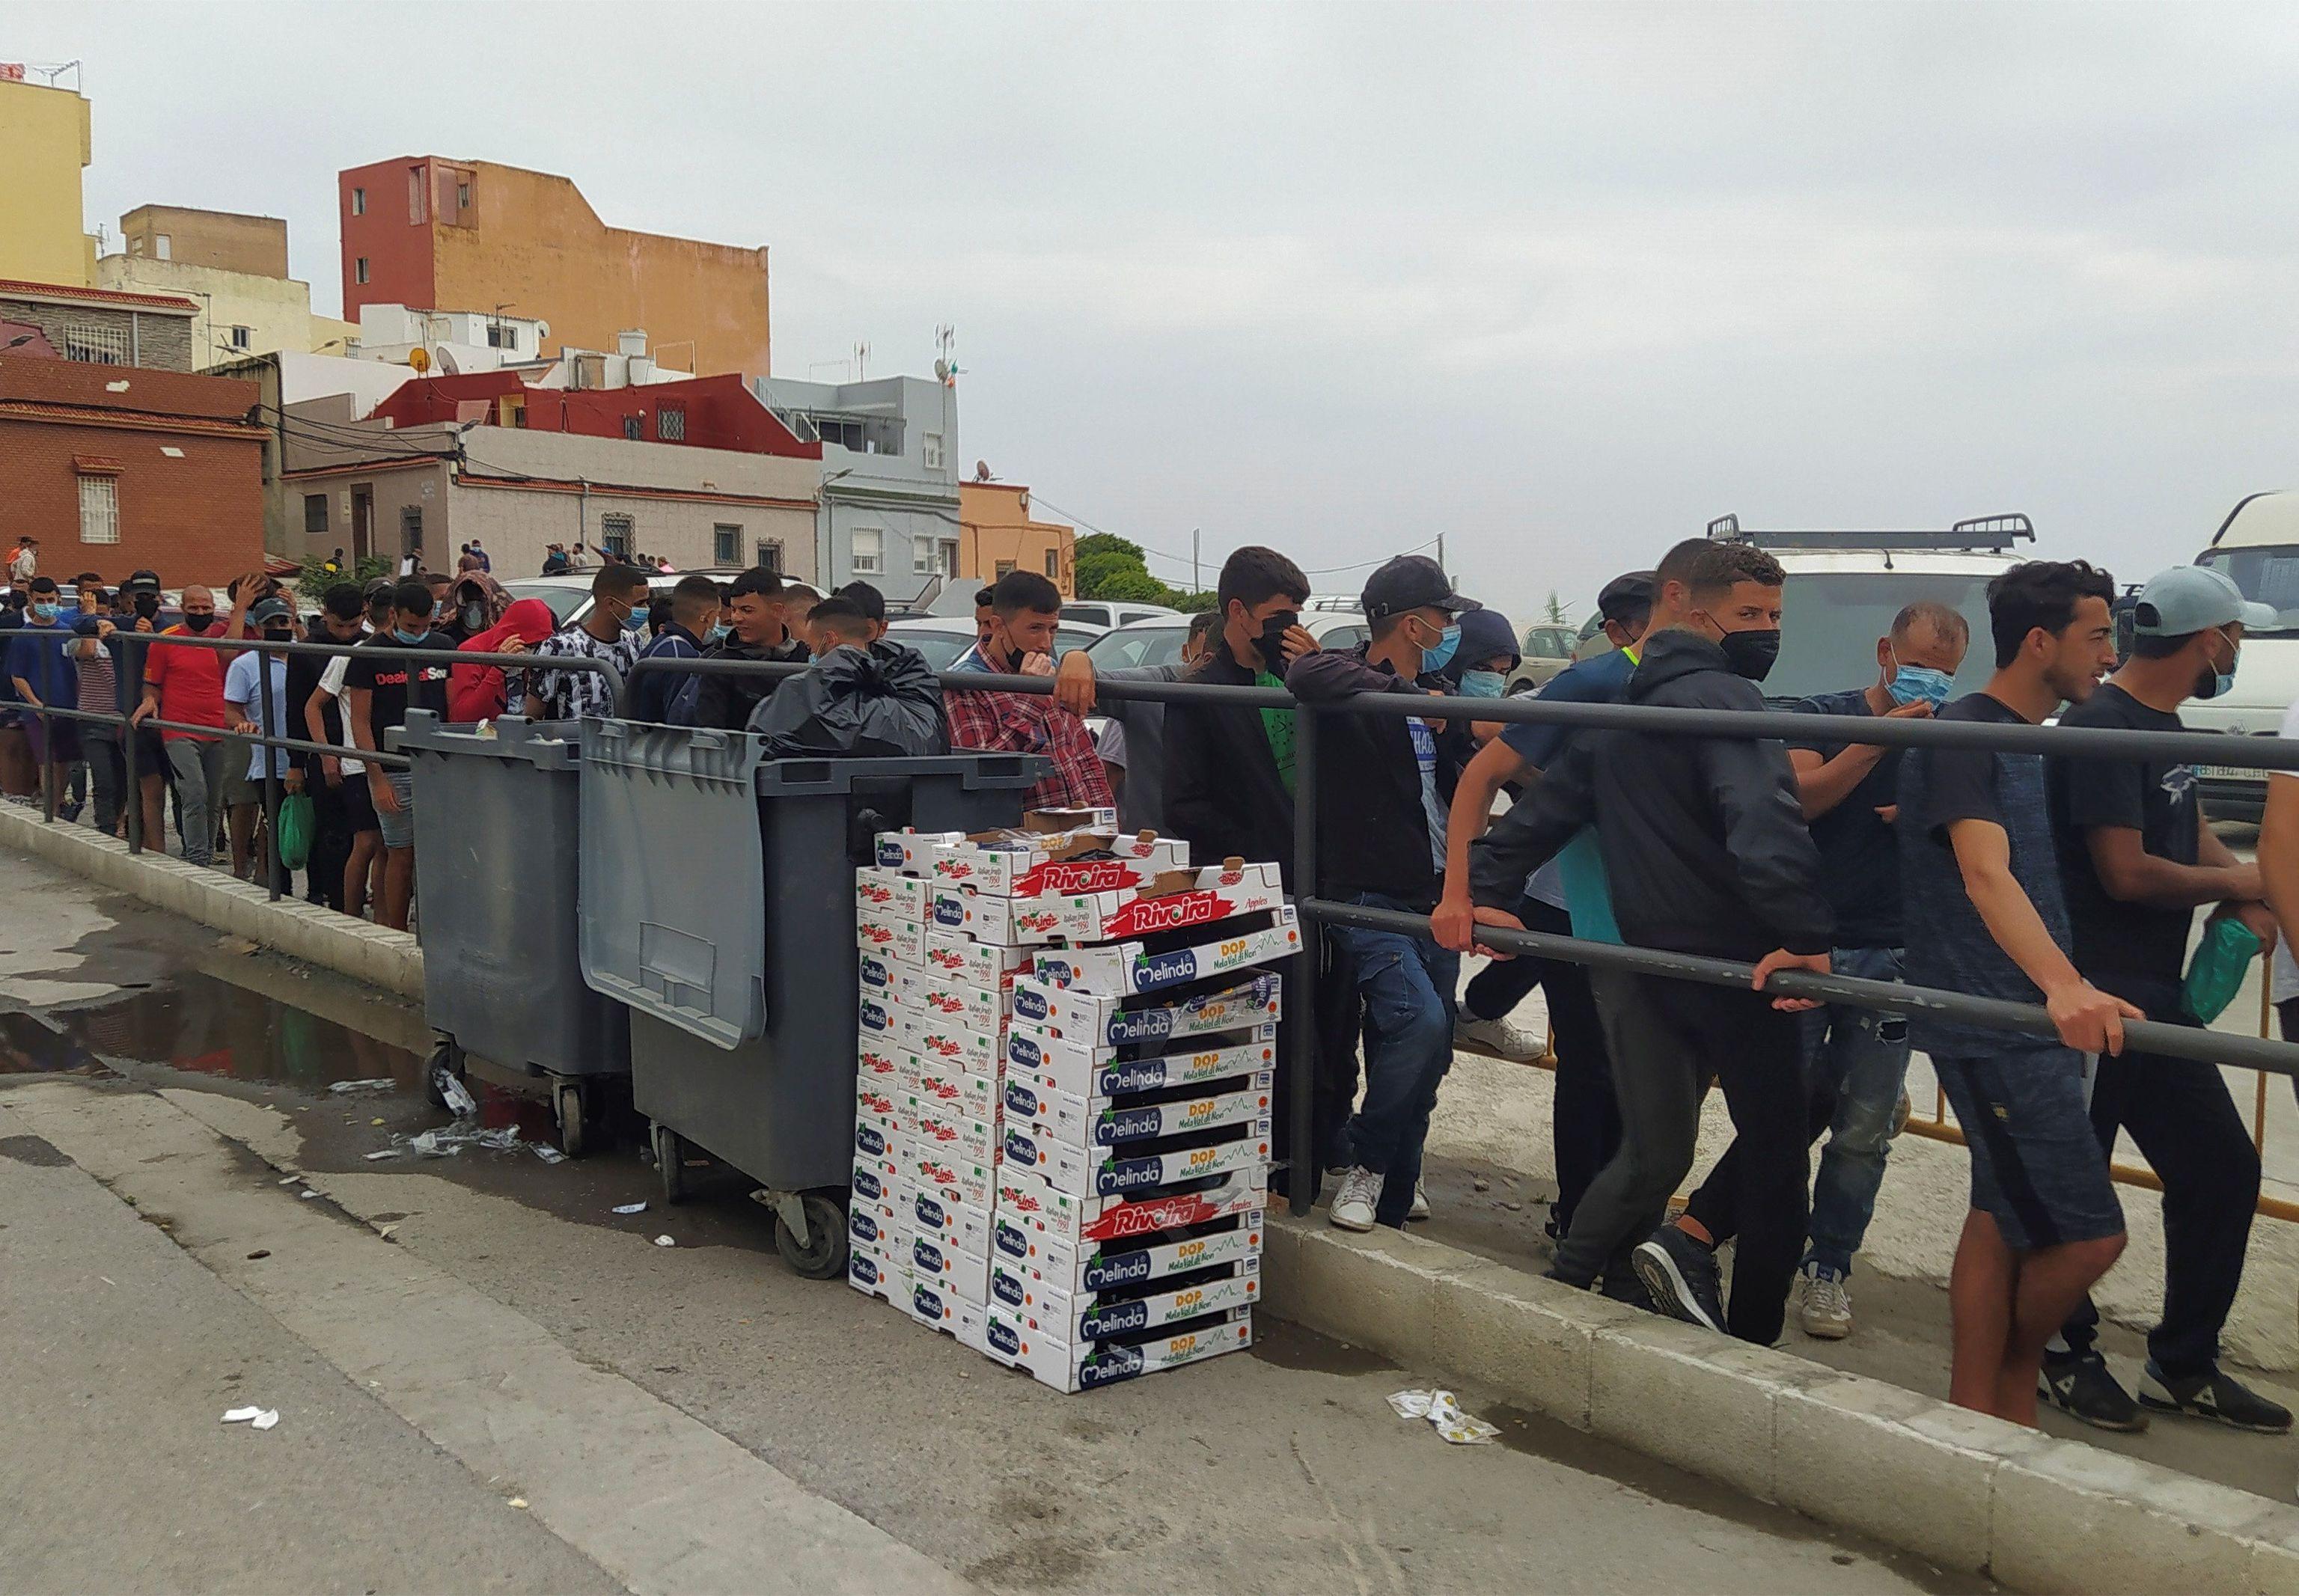 Marroquíes llegados en mayo a Ceuta esperan, un mes después, recibir ayuda en la ciudad autónoma.